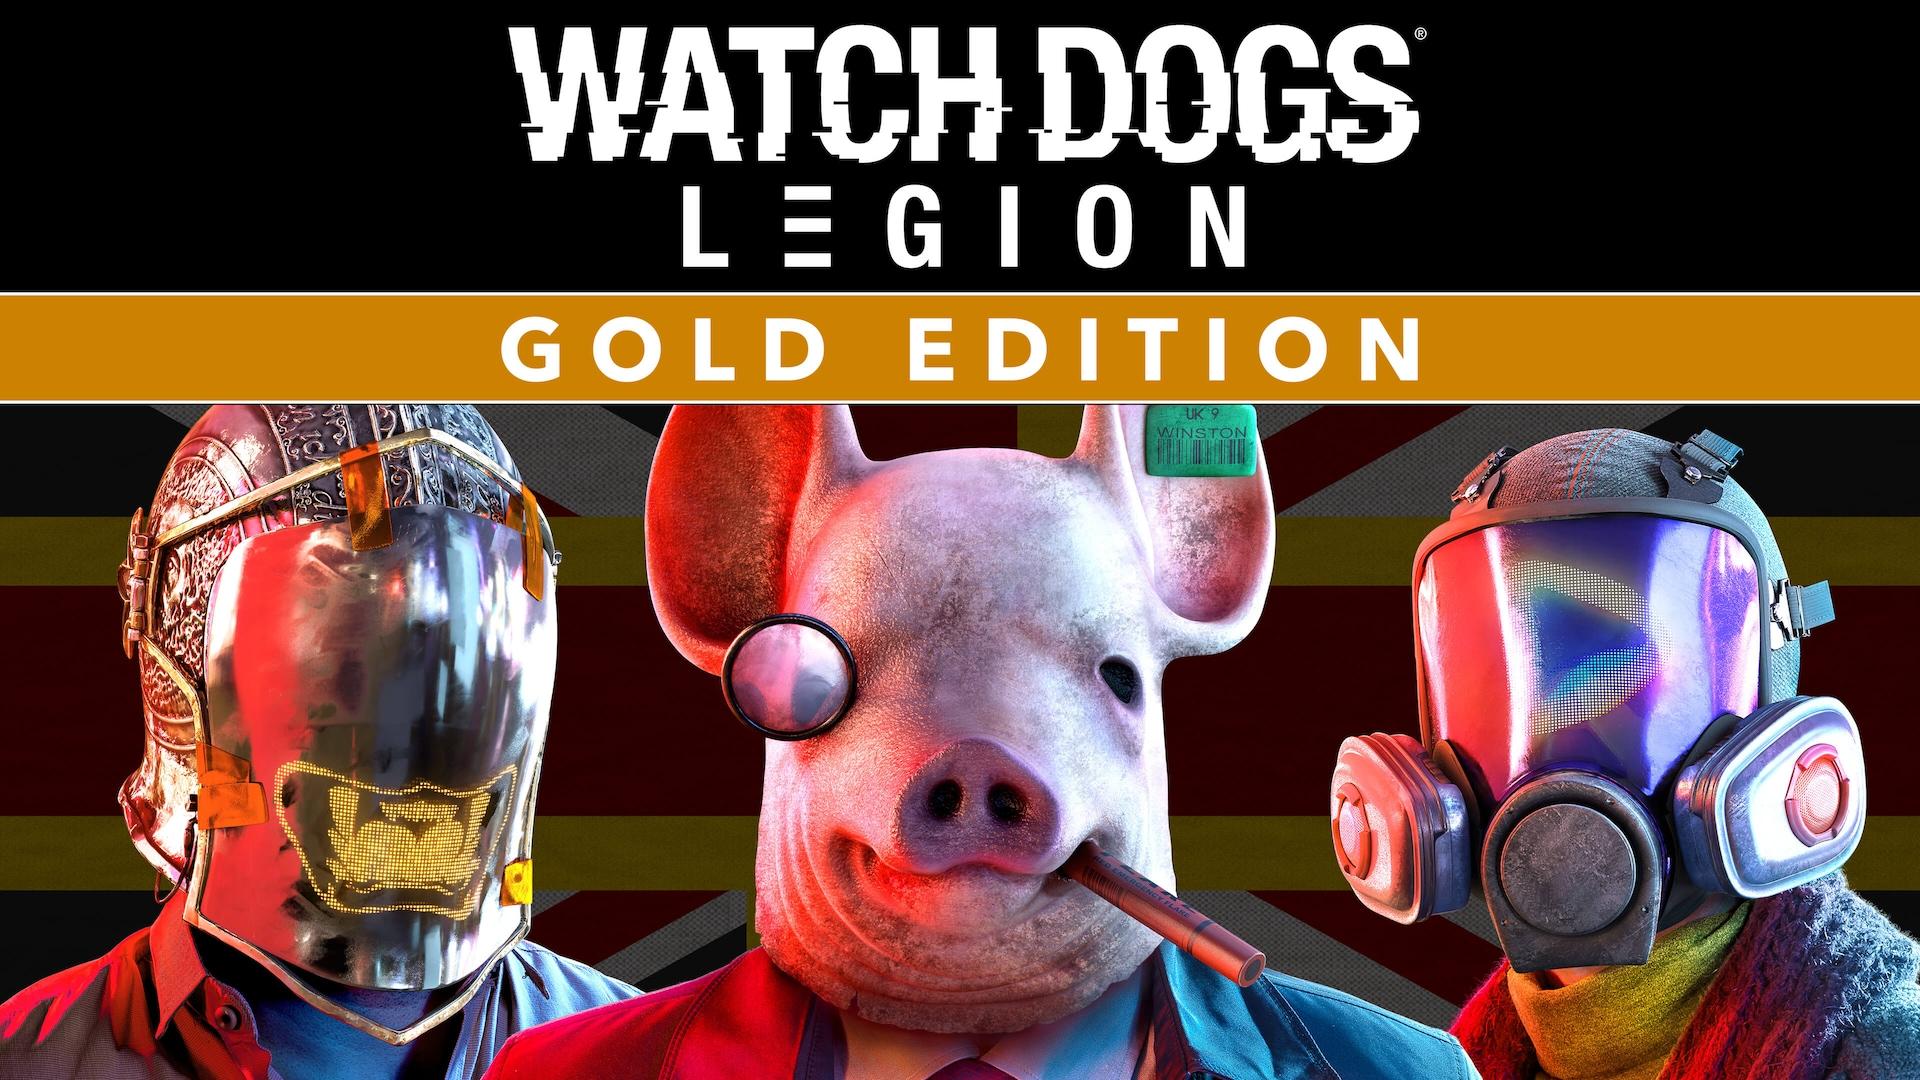 Watch Dogs: Legion Gold Edition со скидкой, офлайн, активация, denuvo [Ручная активация] (GLOBAL RUS/ENG/MULTi) Uplay